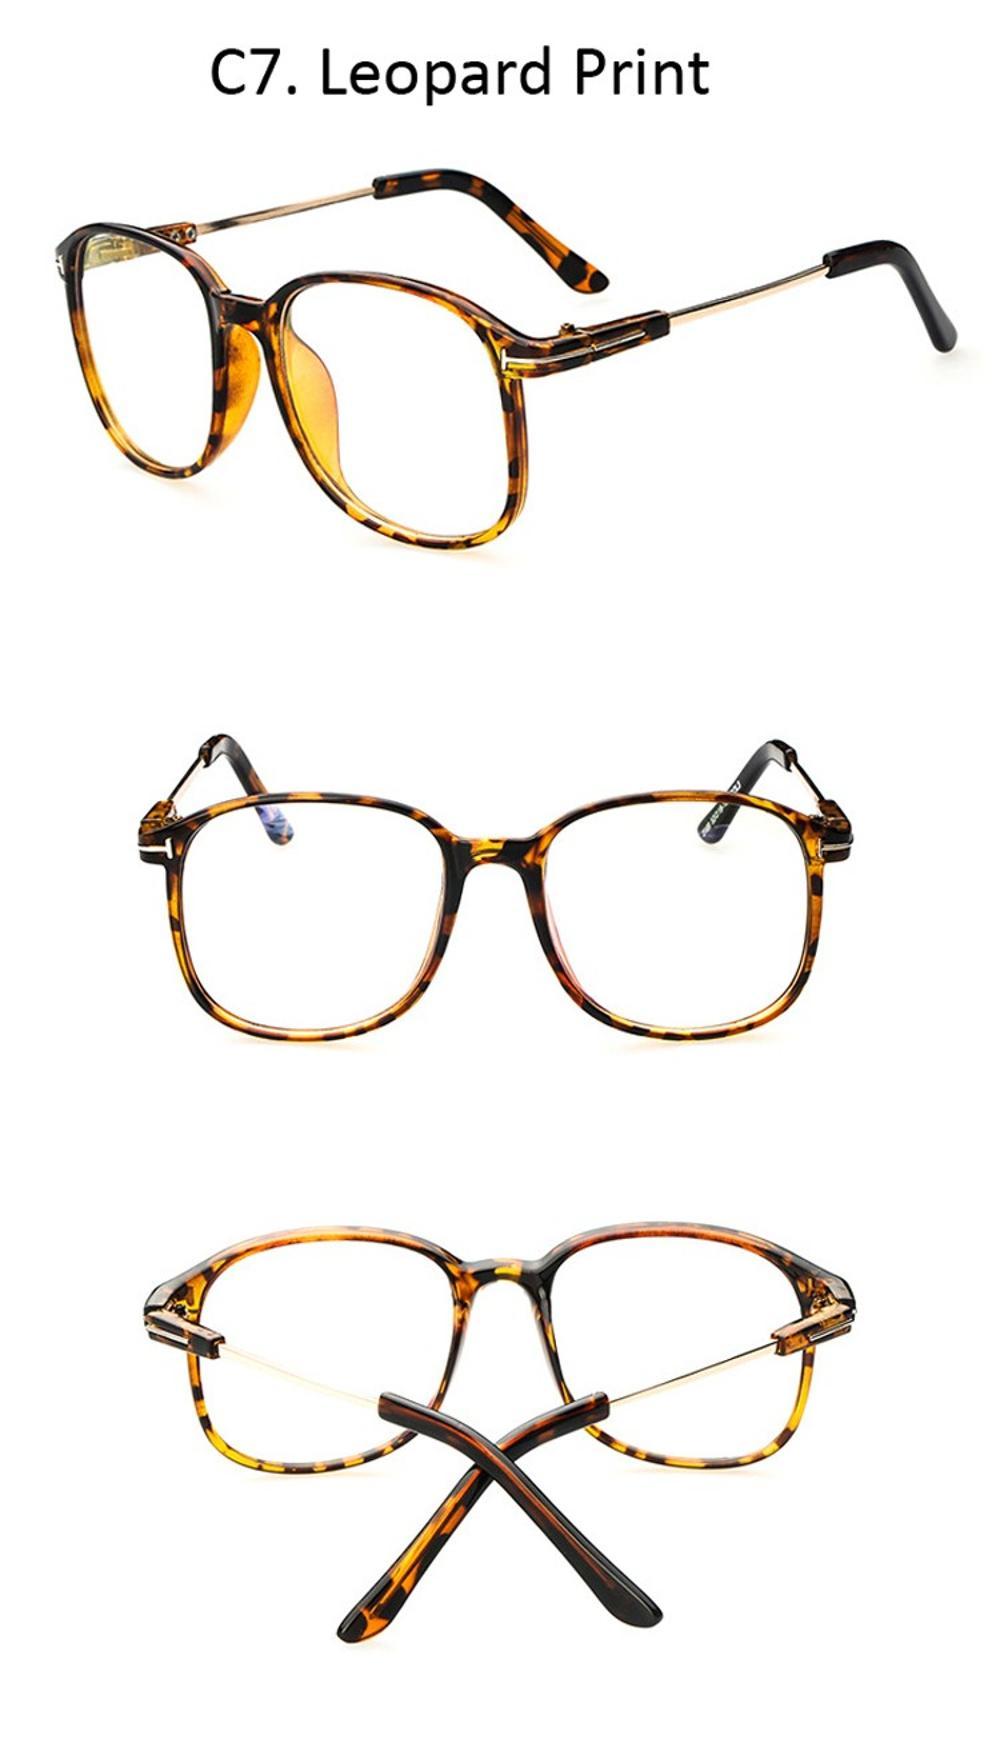 53bfa2742a Vintage Retro Round Glasses Frame For Women Men Nerd Eyeglasses Frames Men  Clear Fake Glasses Eyewear